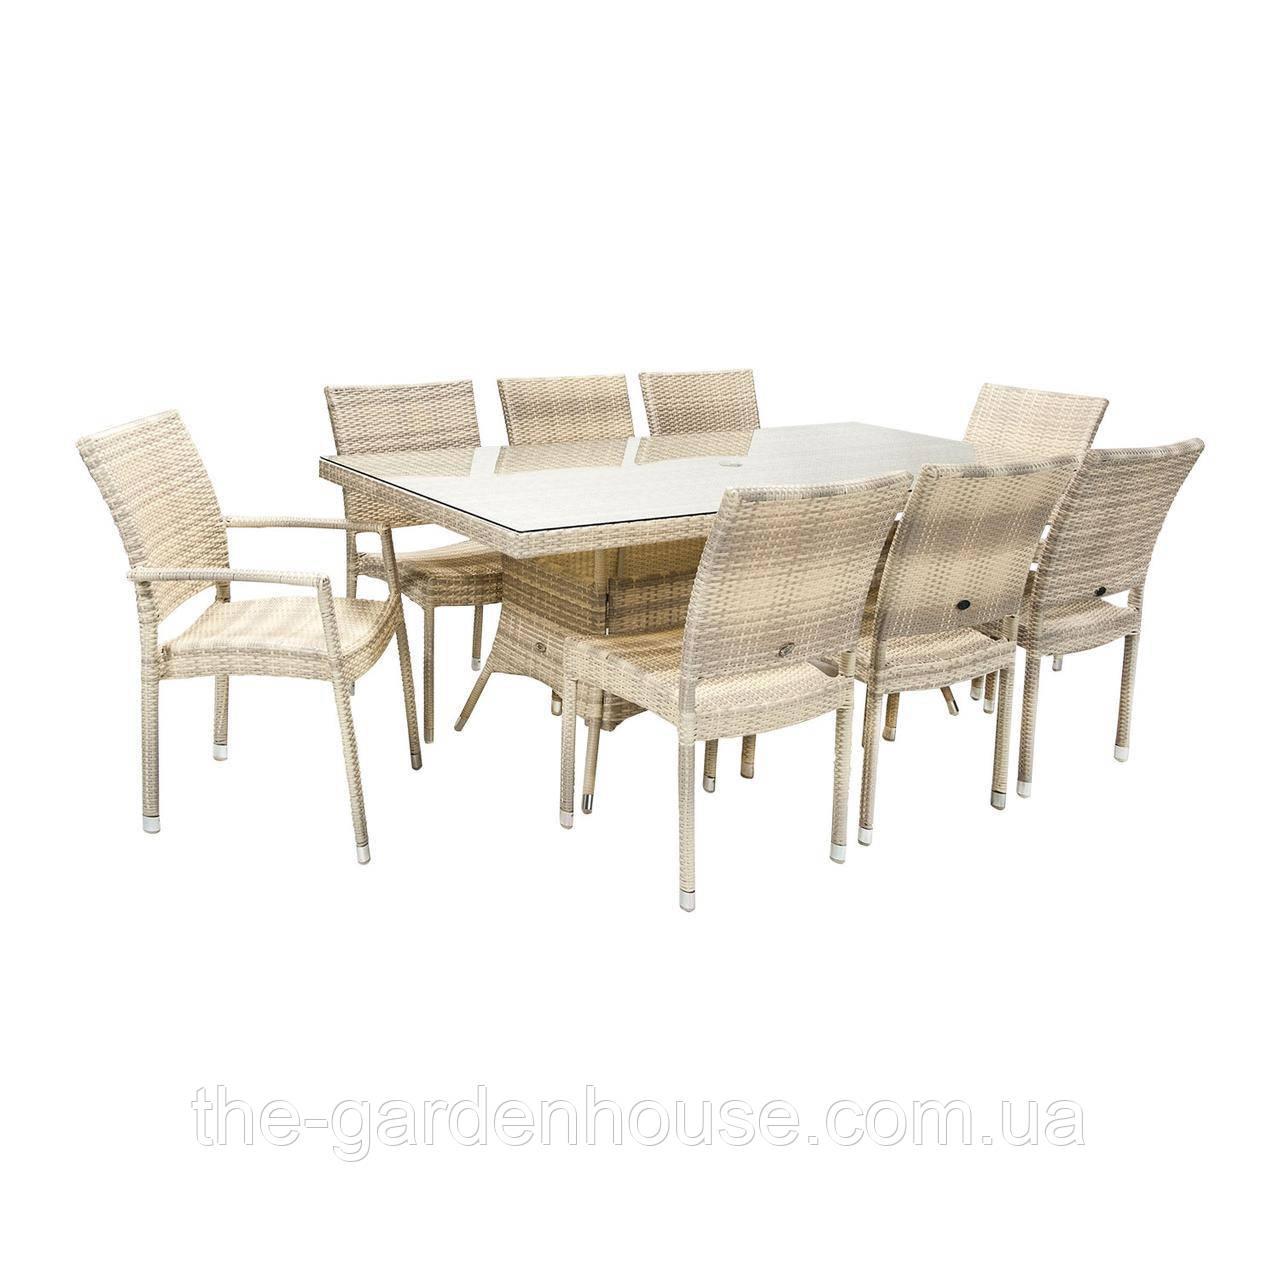 Обеденный комплект Wicker из техноротанга: стол 200 см и 8 стульев светло-бежевый